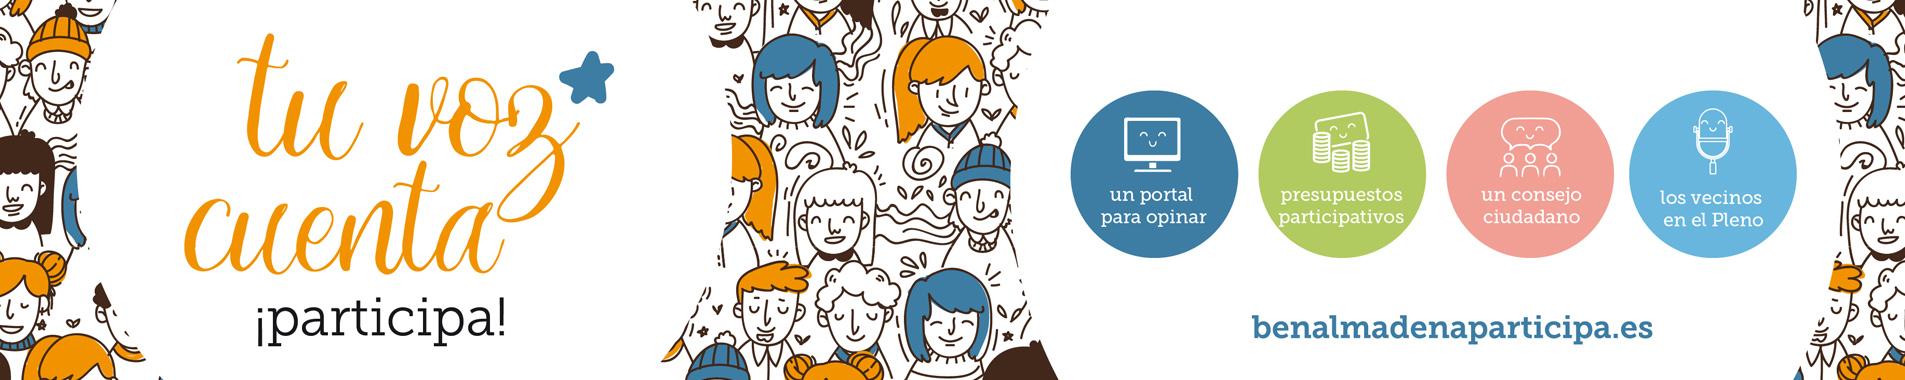 Portal de Participación Ciudadana